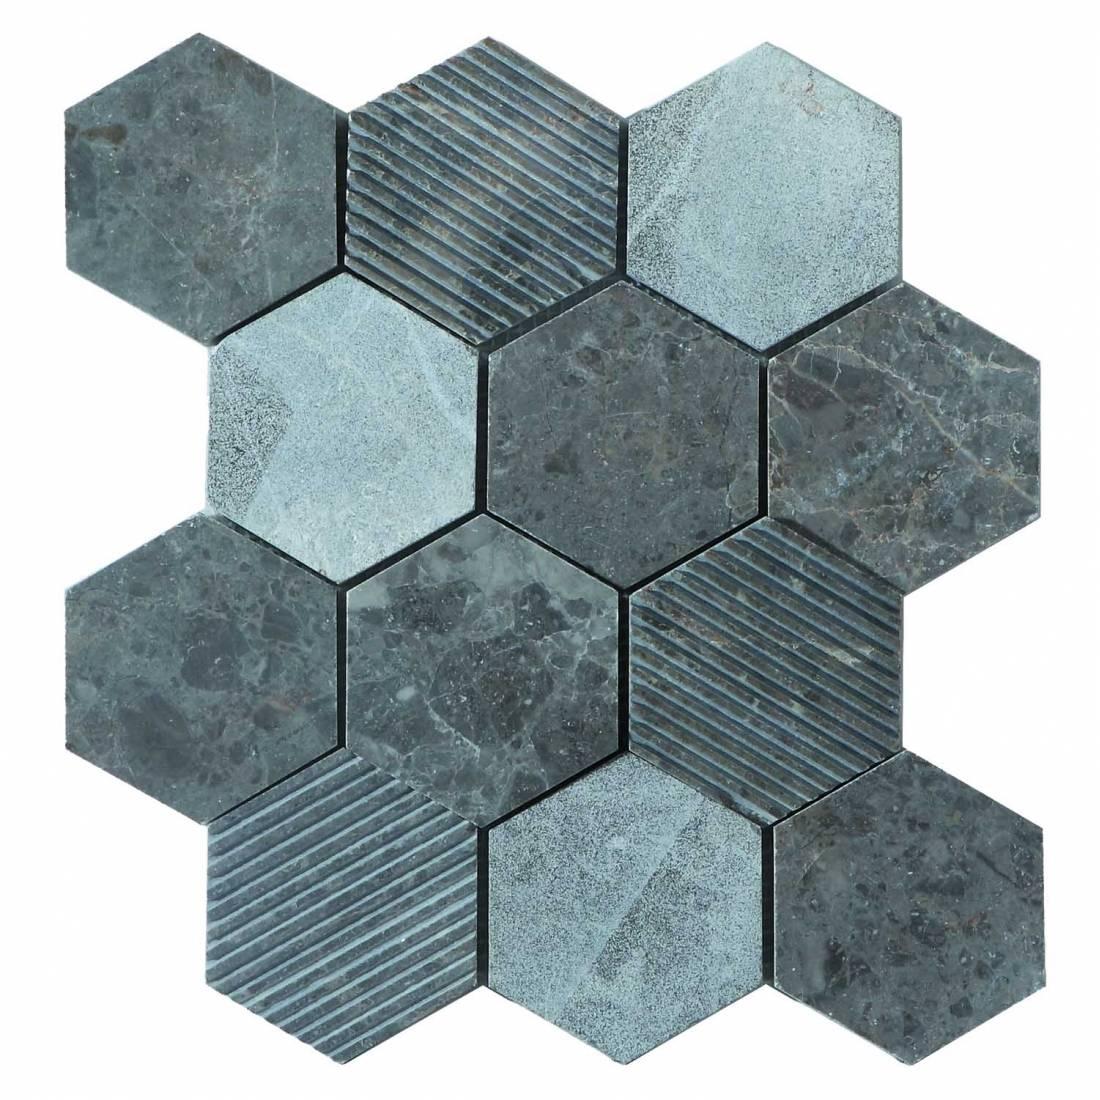 Hex Mosaic Texture 23.1x26.7 Grey Matt 1